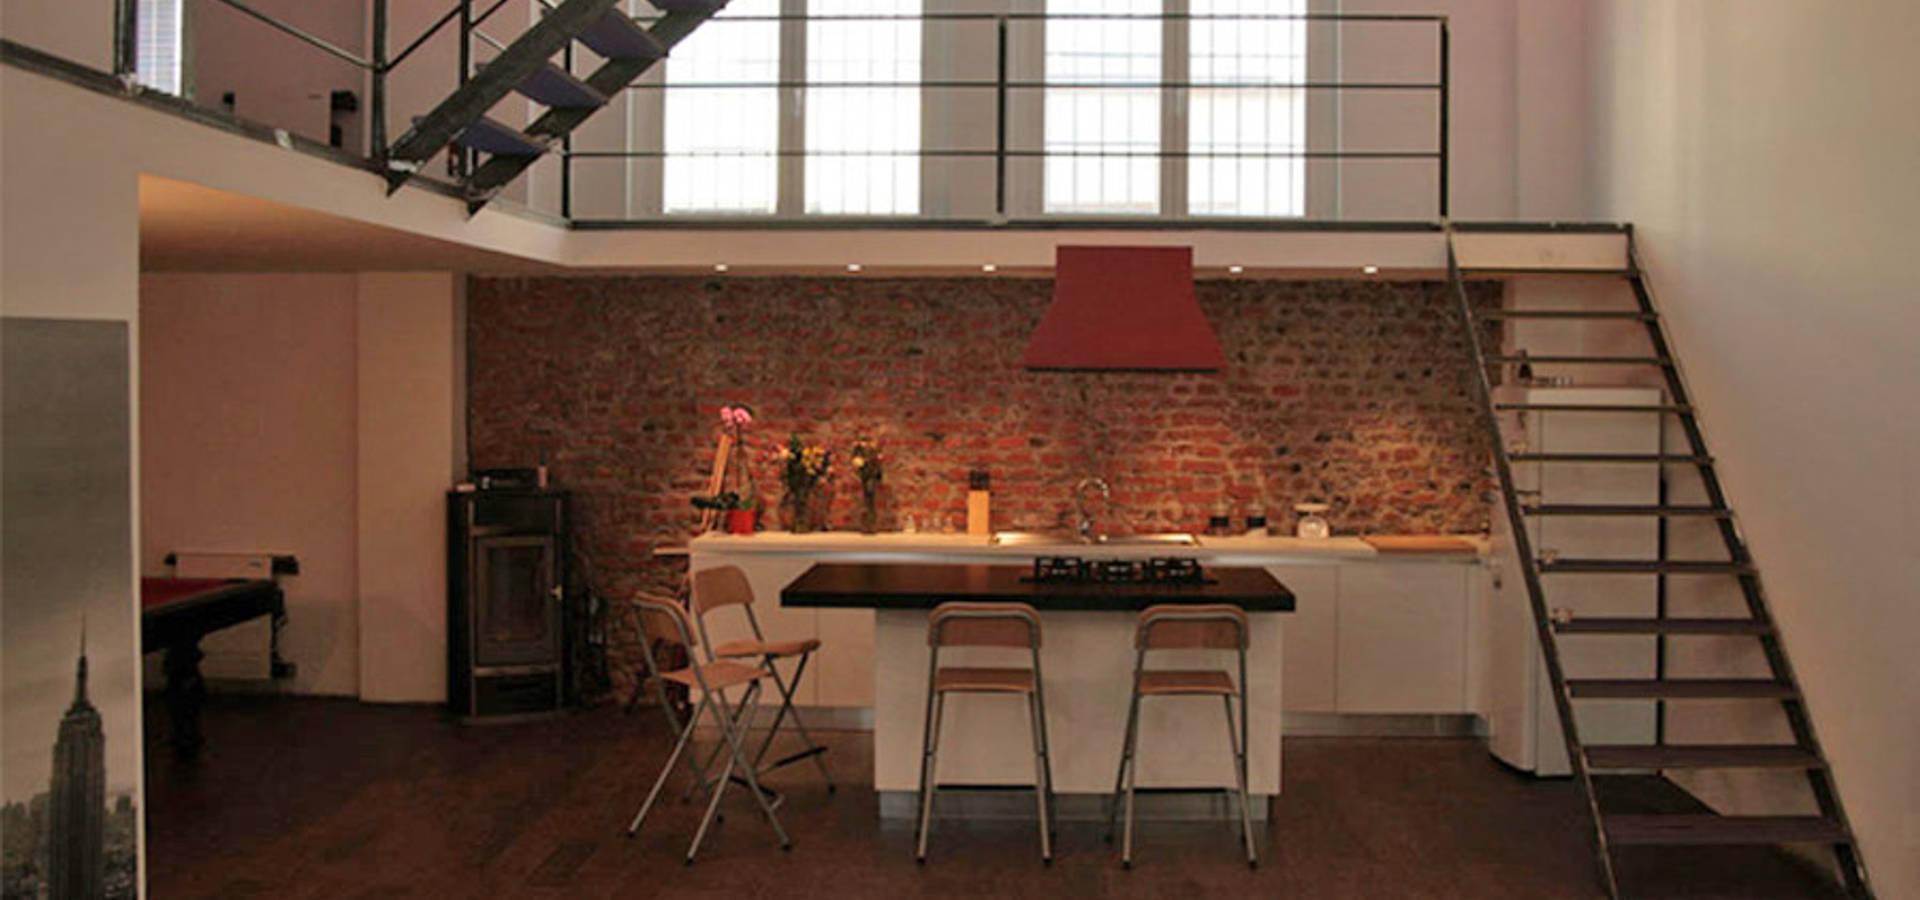 Loft Abitazione Profesjonalista Cda Studio Di Architettura Homify